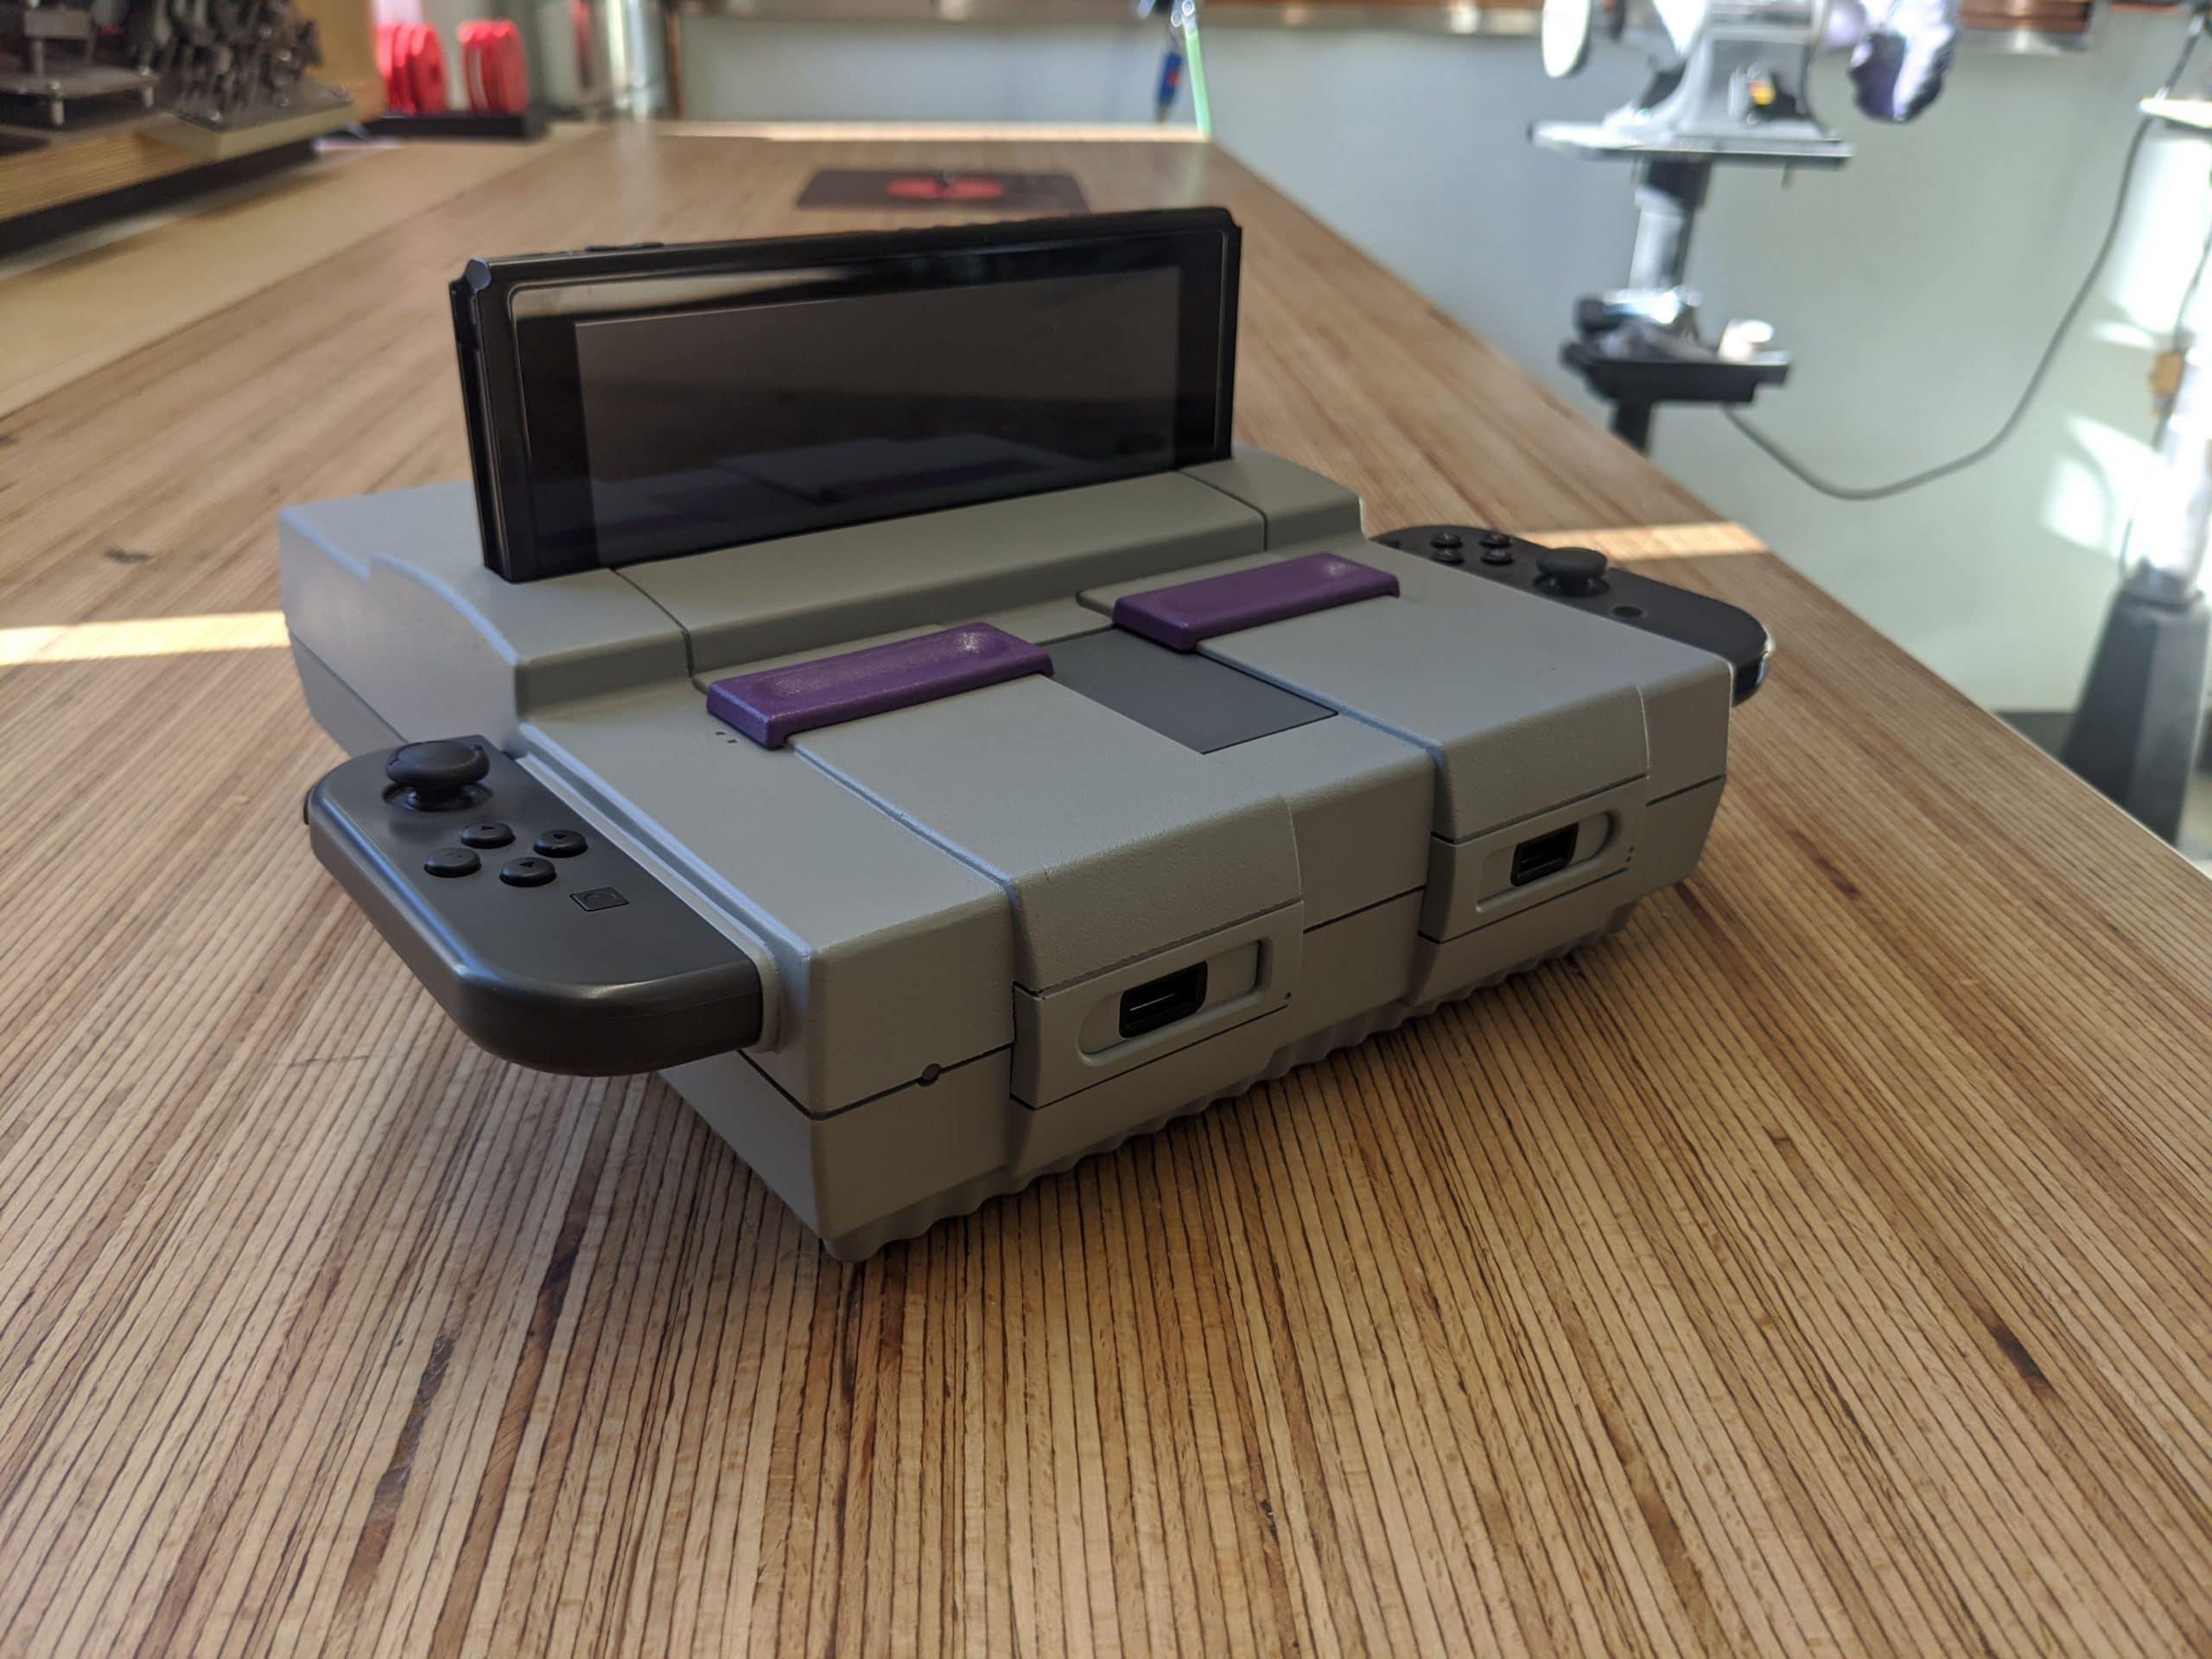 Erstaunlich, was man aus einer alten SNES-Konsole machen kann. (Foto: IMGUR)